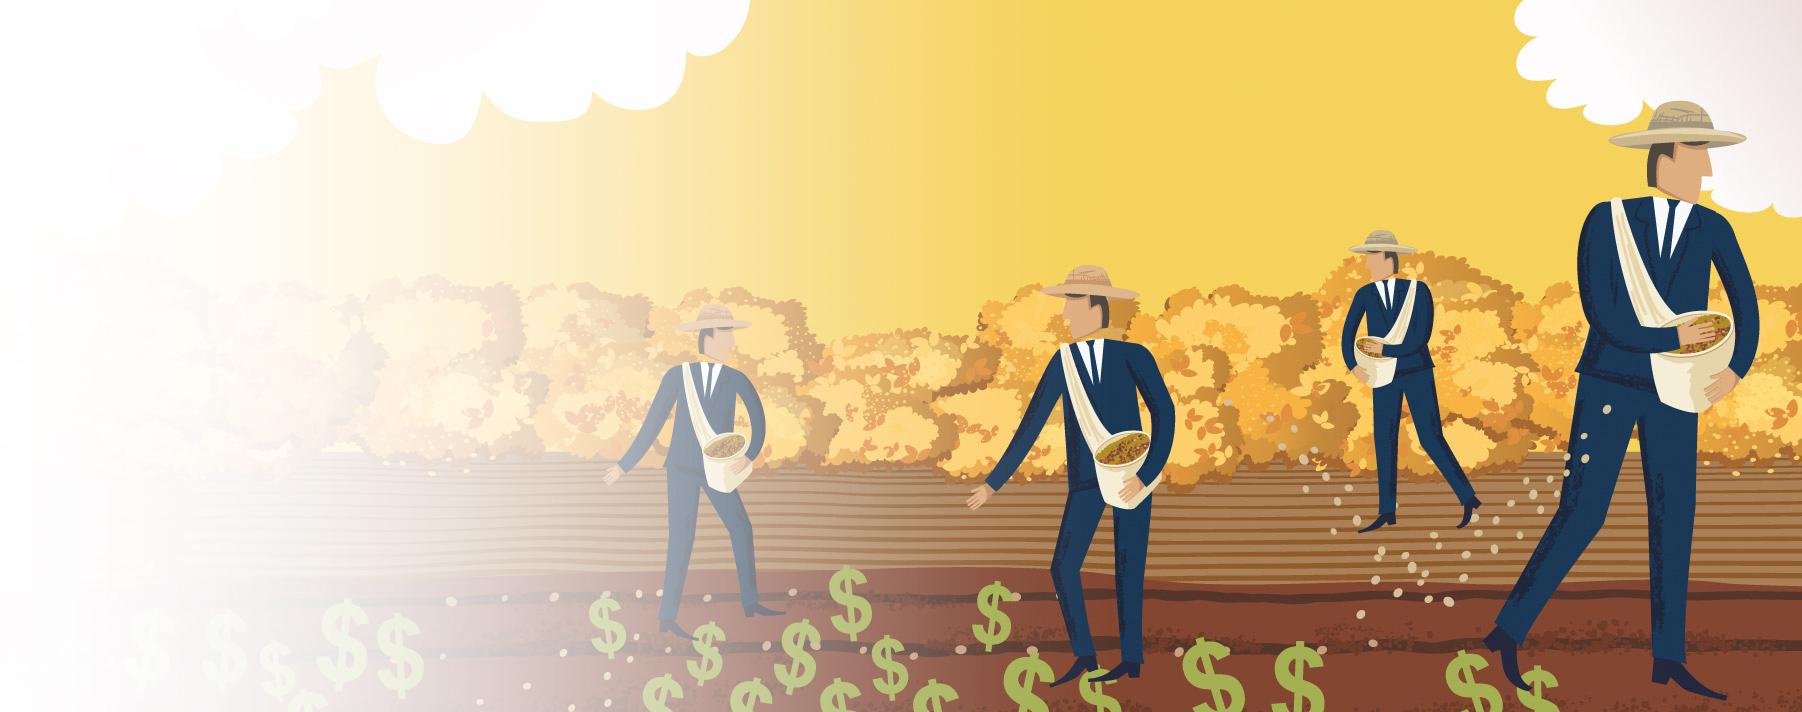 ¿Cómo invertir en el 2020? Conoce los sectores más atractivos